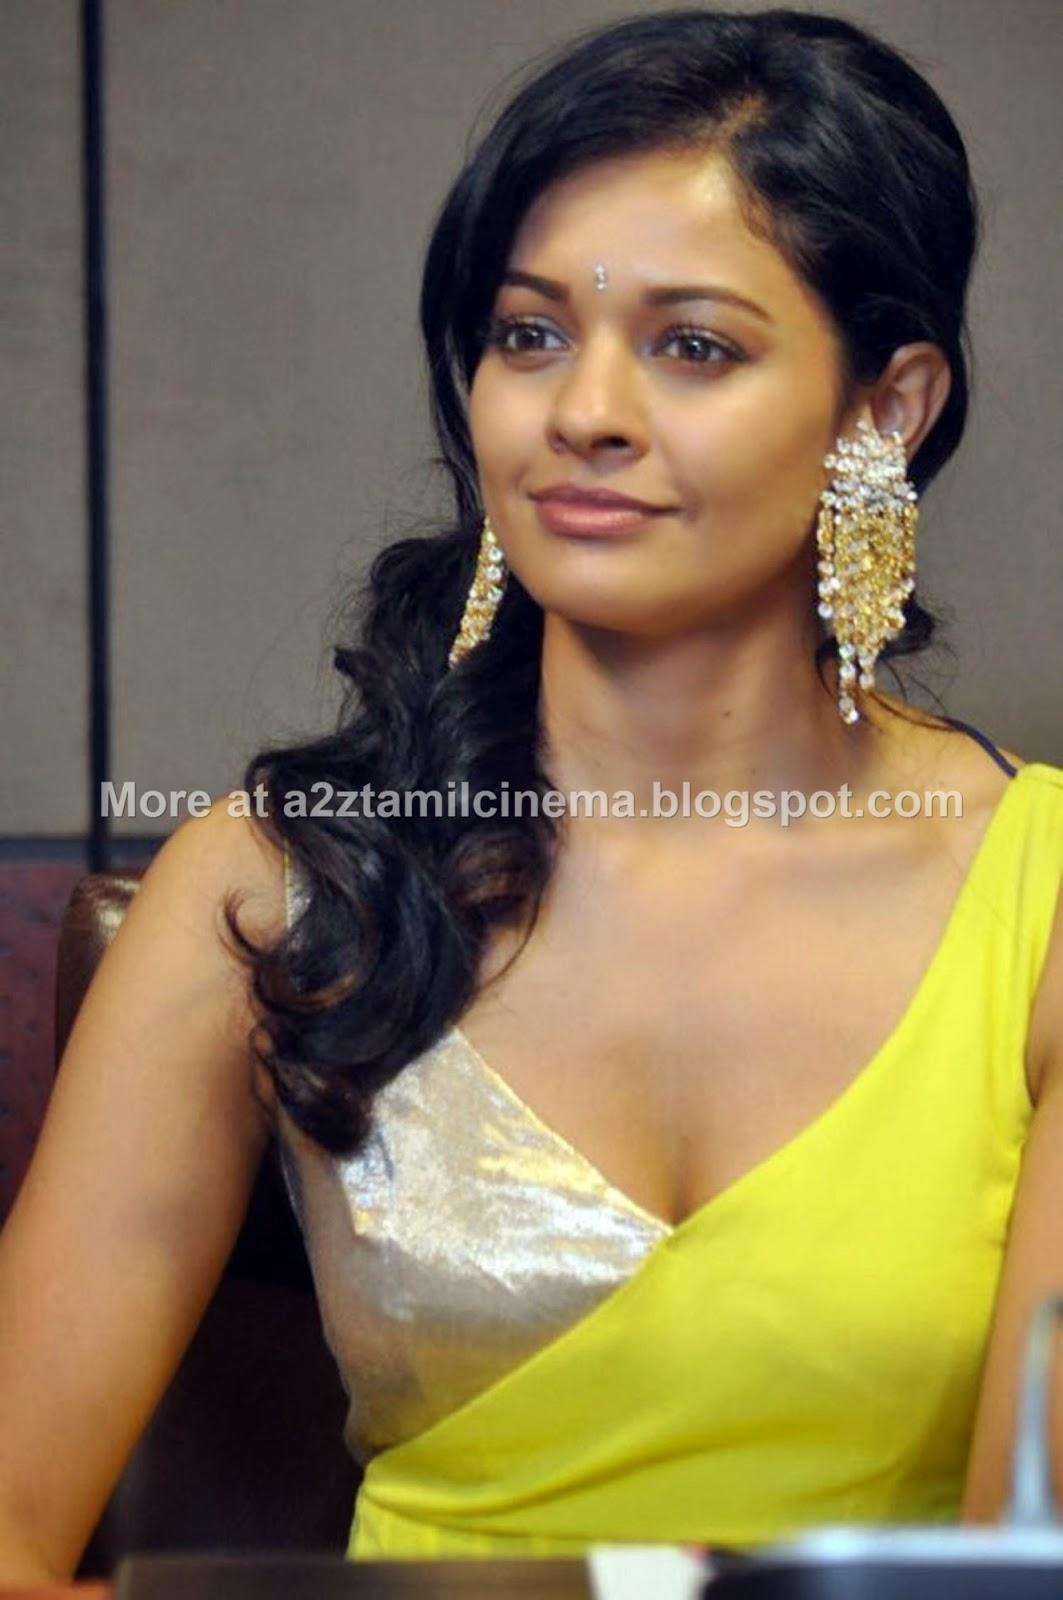 Actress pooja kumar hot scene - 3 6